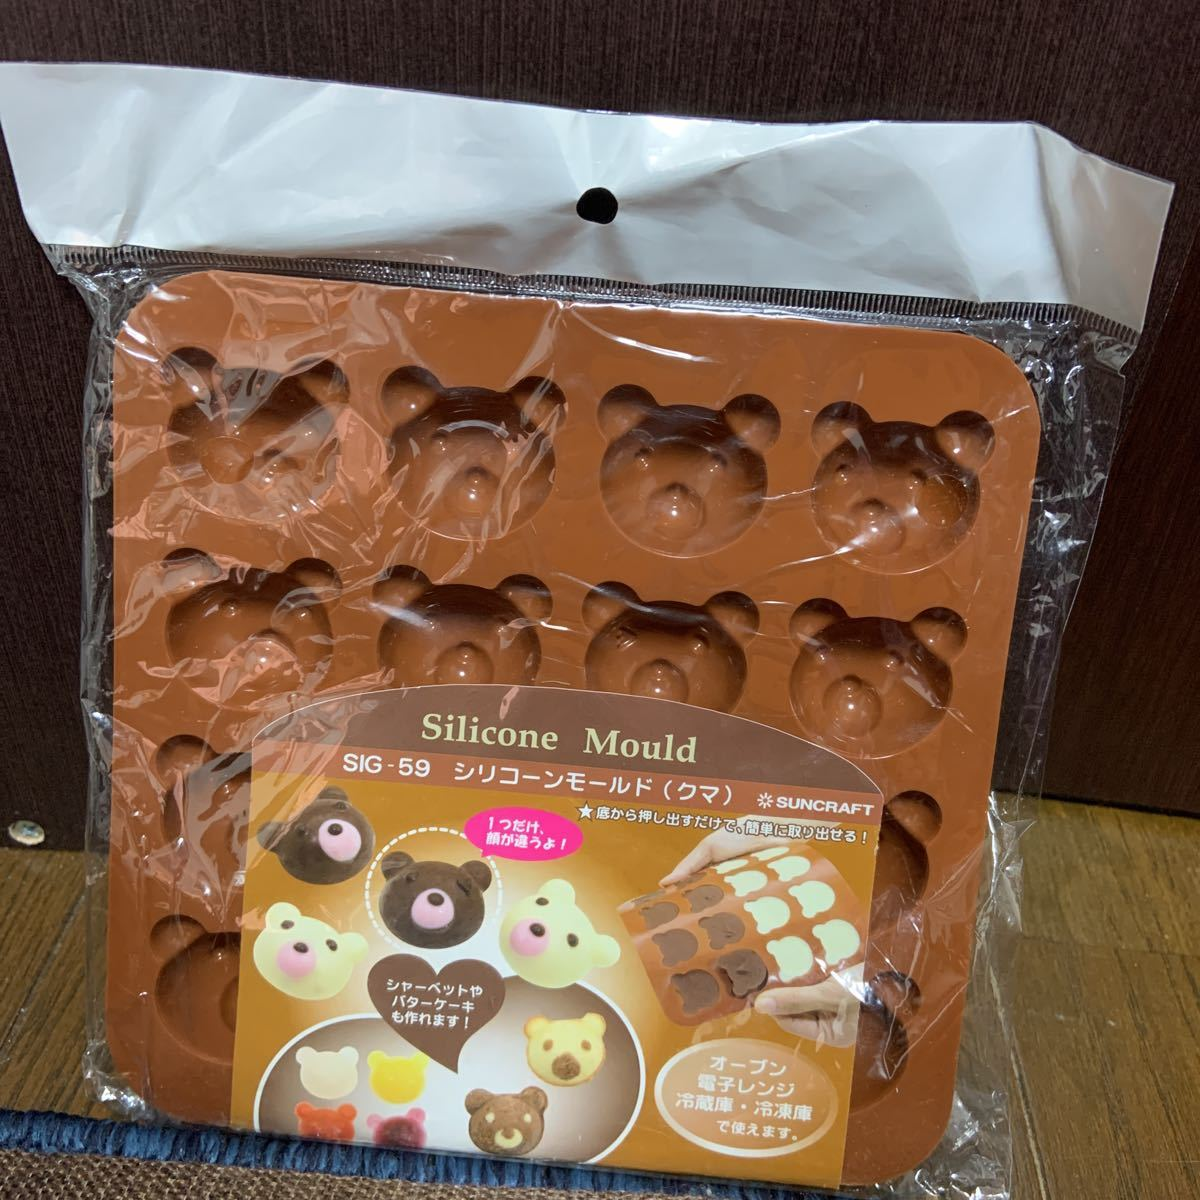 サンクラフト シリコーン型 モールド くま 茶 熊 クマ チョコレート シャーベット 手作り お菓子 製菓 オーブン 電子レンジ 冷凍庫 冷蔵庫_画像1